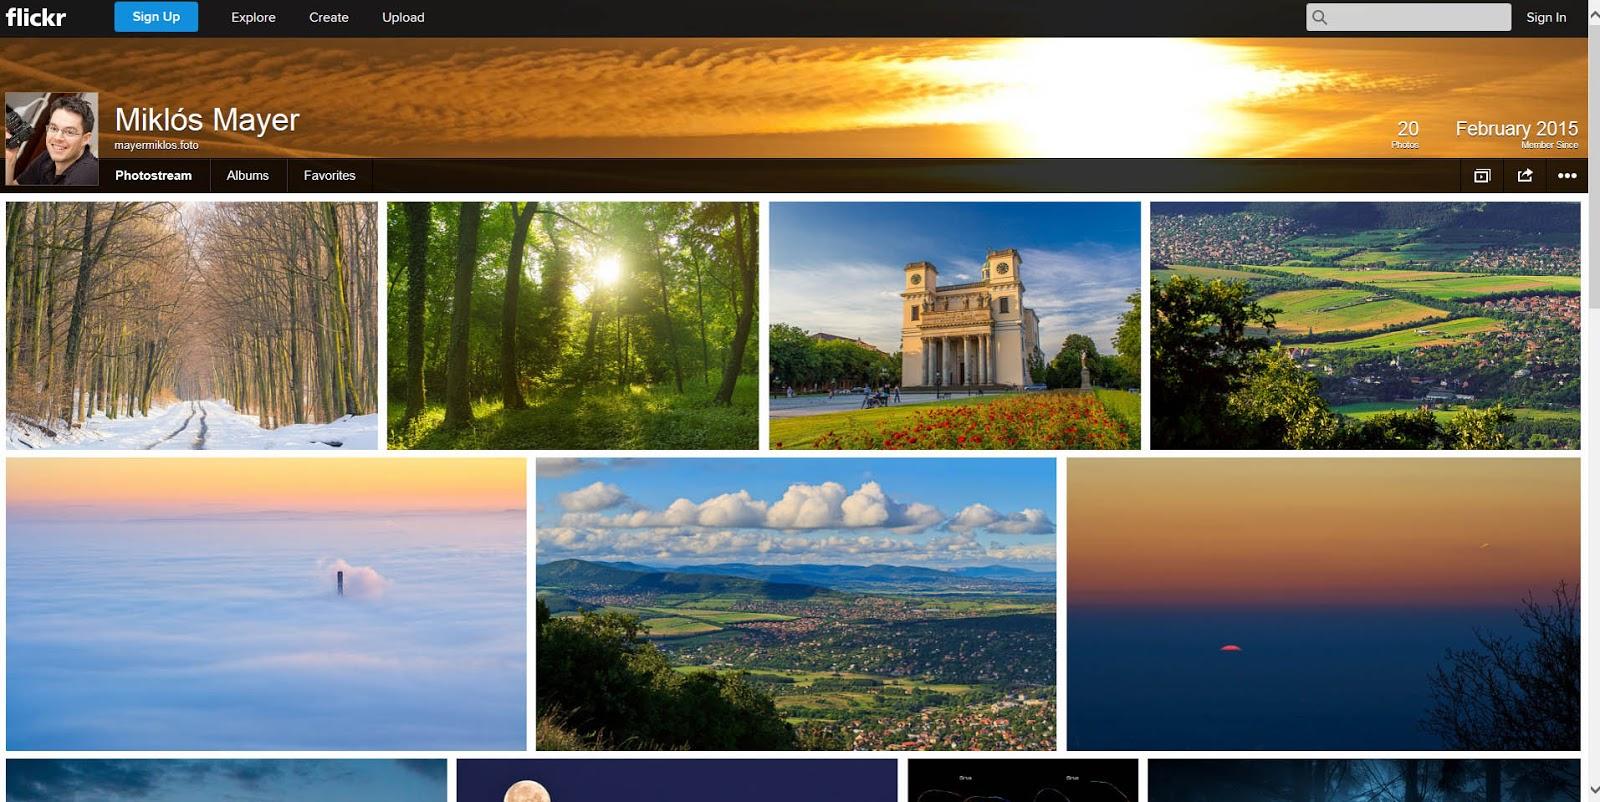 Flickr fiók képernyőképe